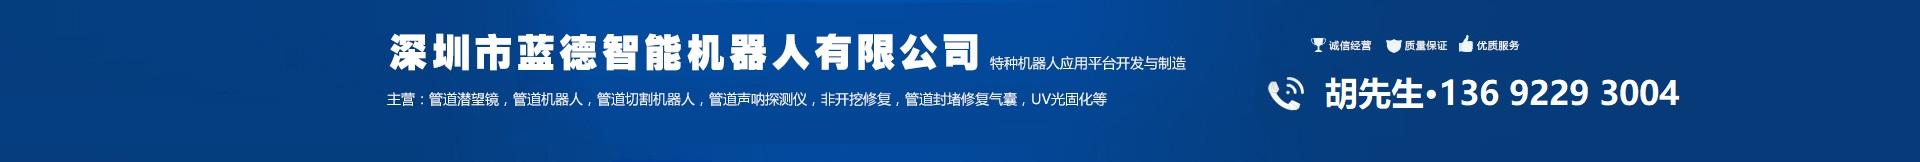 深圳市藍德智慧機器人有限公司